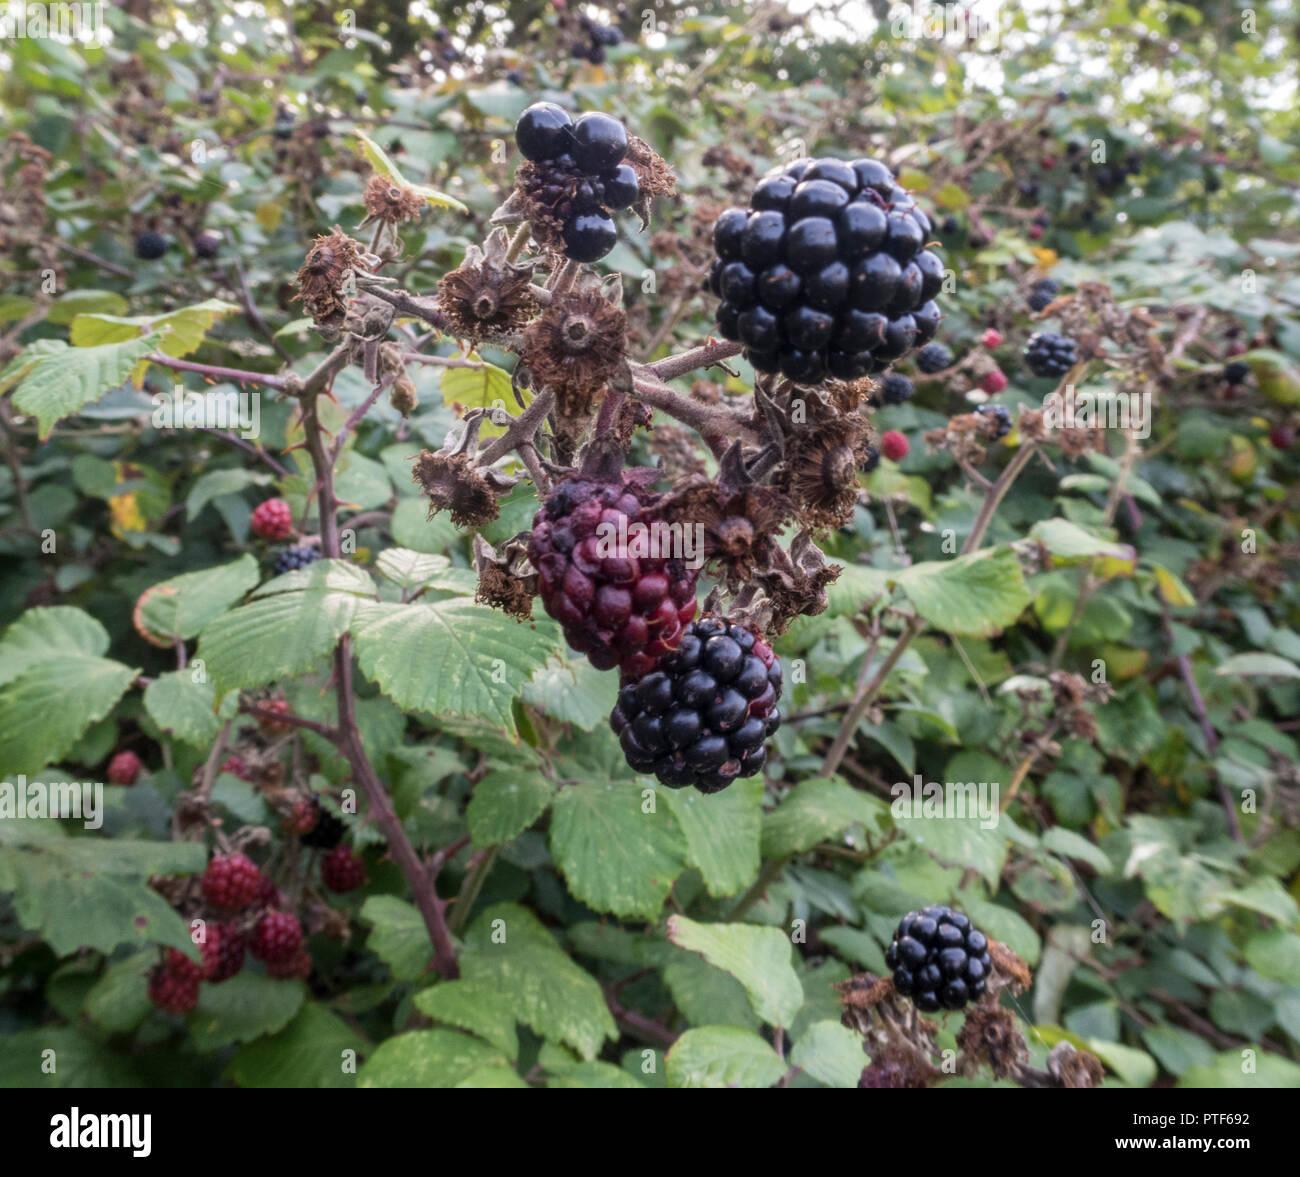 Blackberries ripening in a hedge An edible fruit  in the genus Rubus in the family Rosaceae, Idaeobatus. - Stock Image